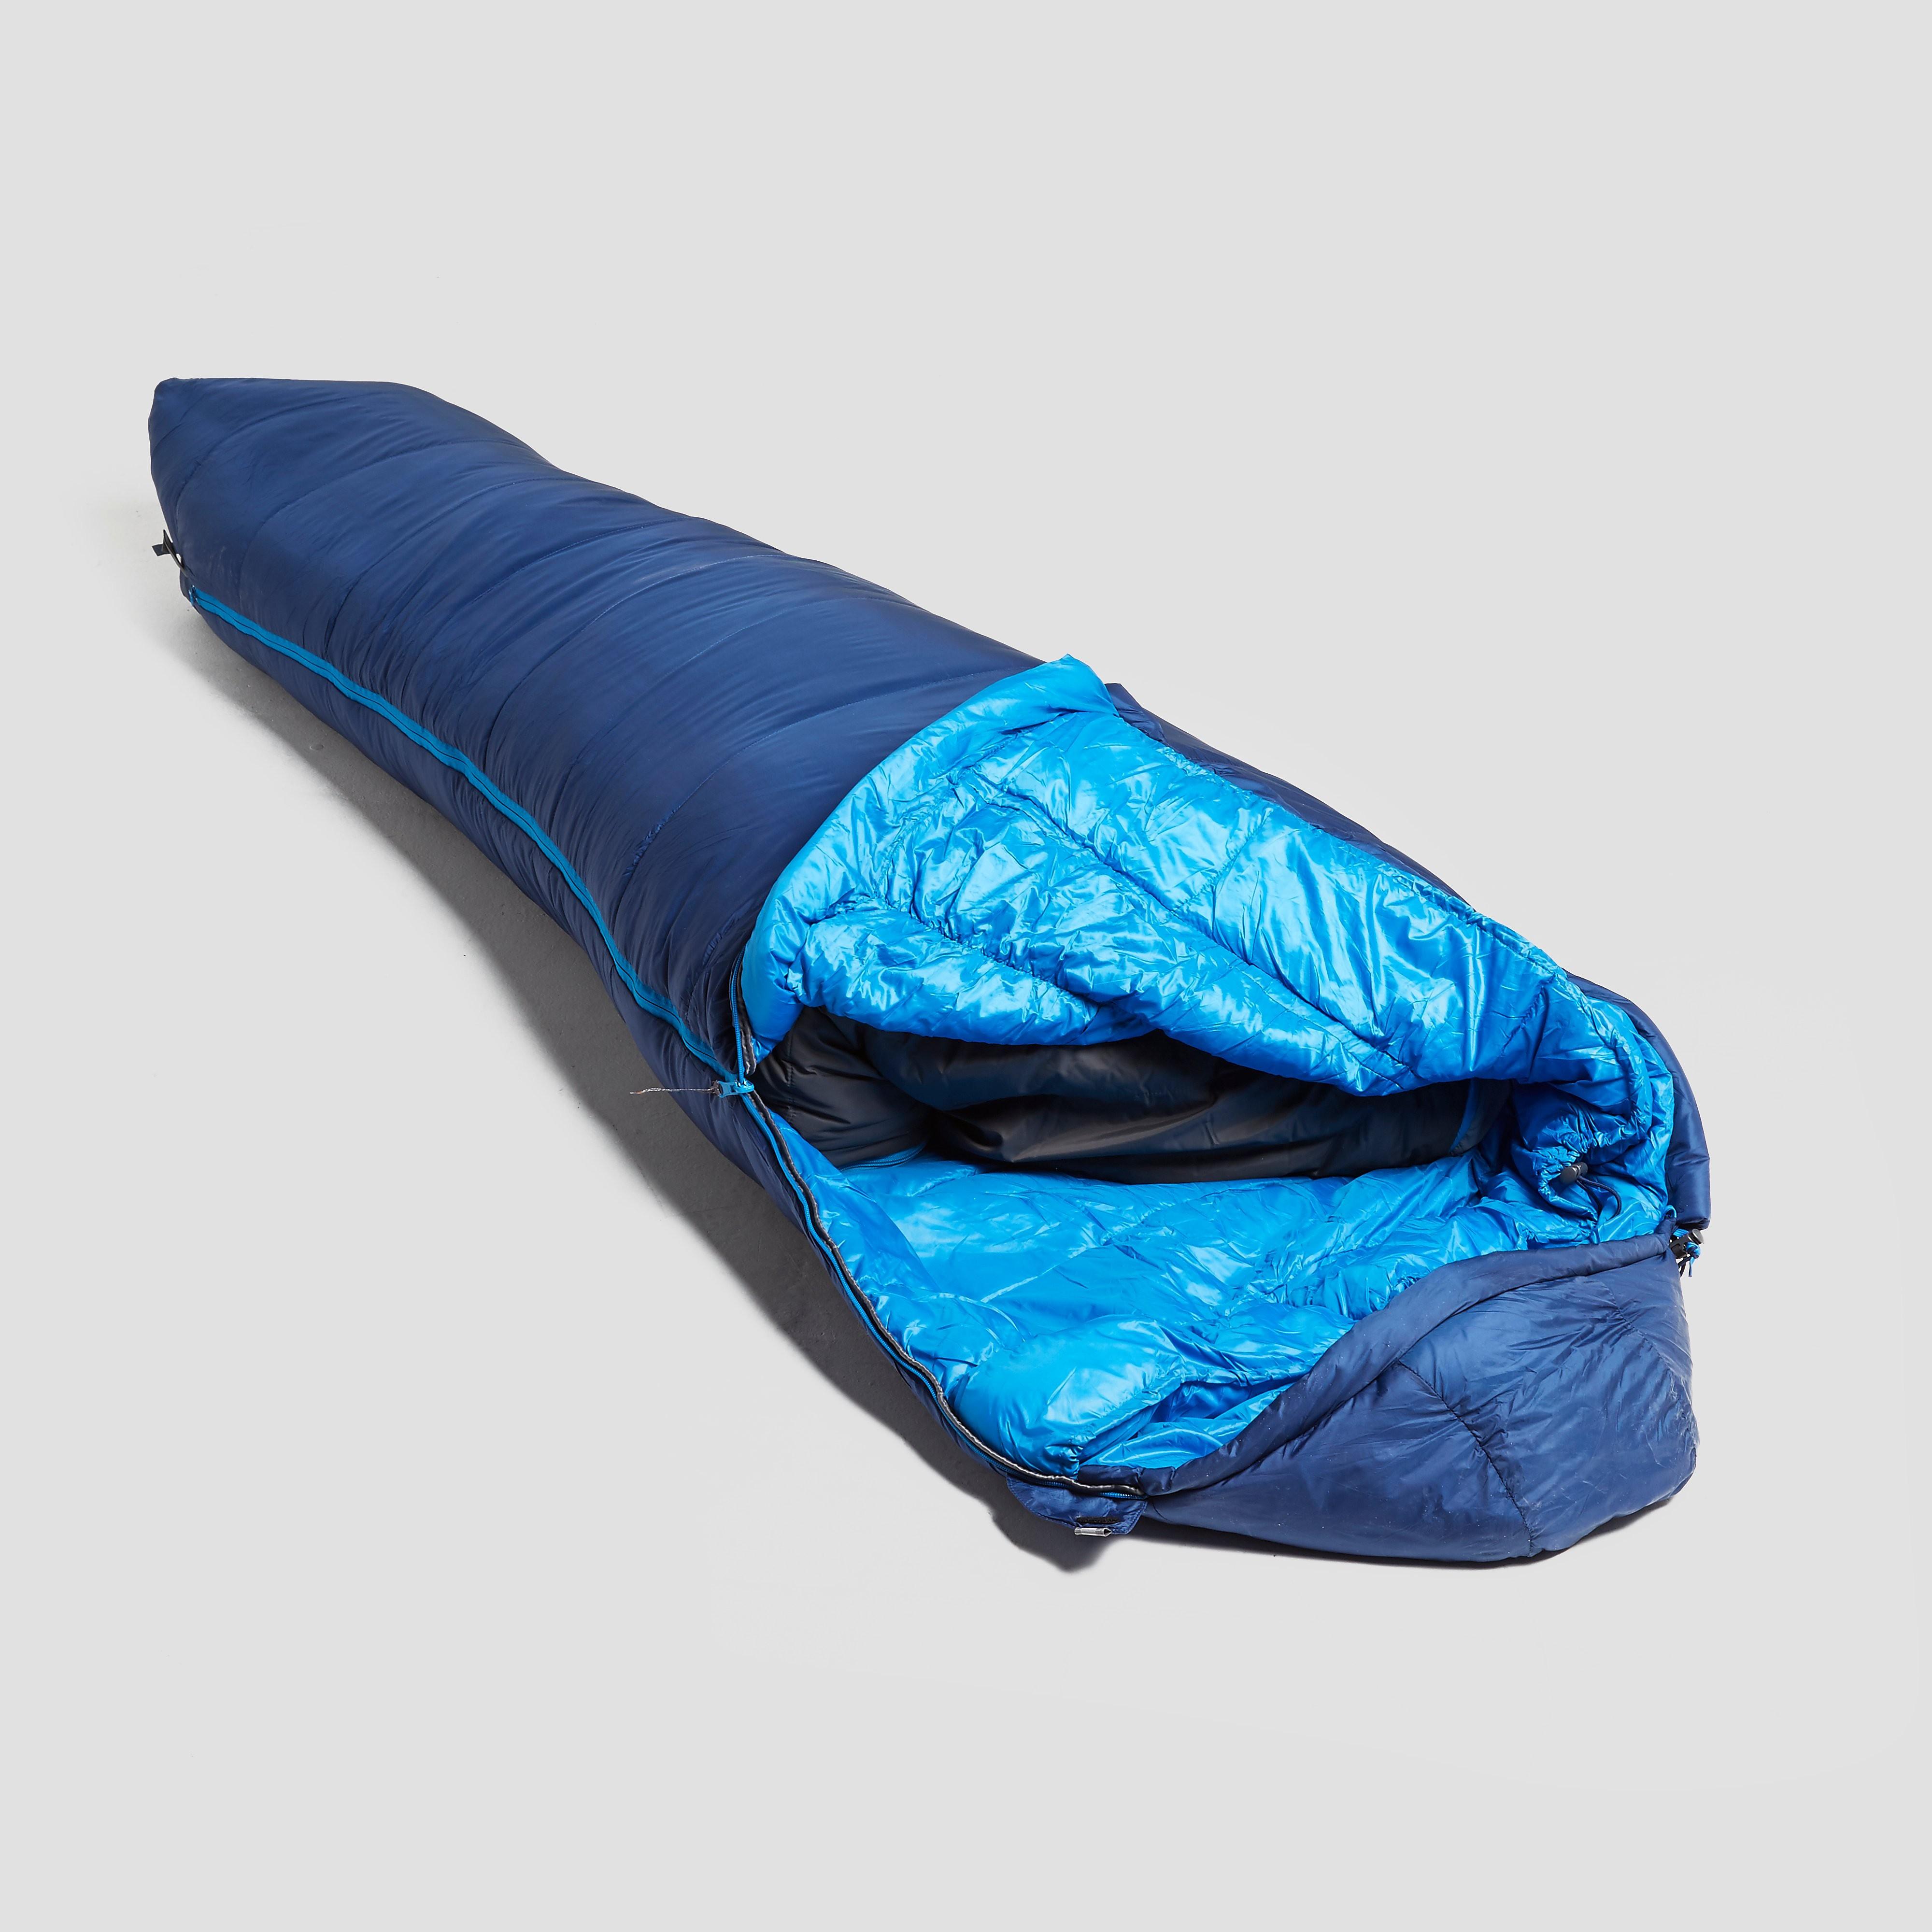 Vango Vango Ultralite Pro 200 Sleeping Bag